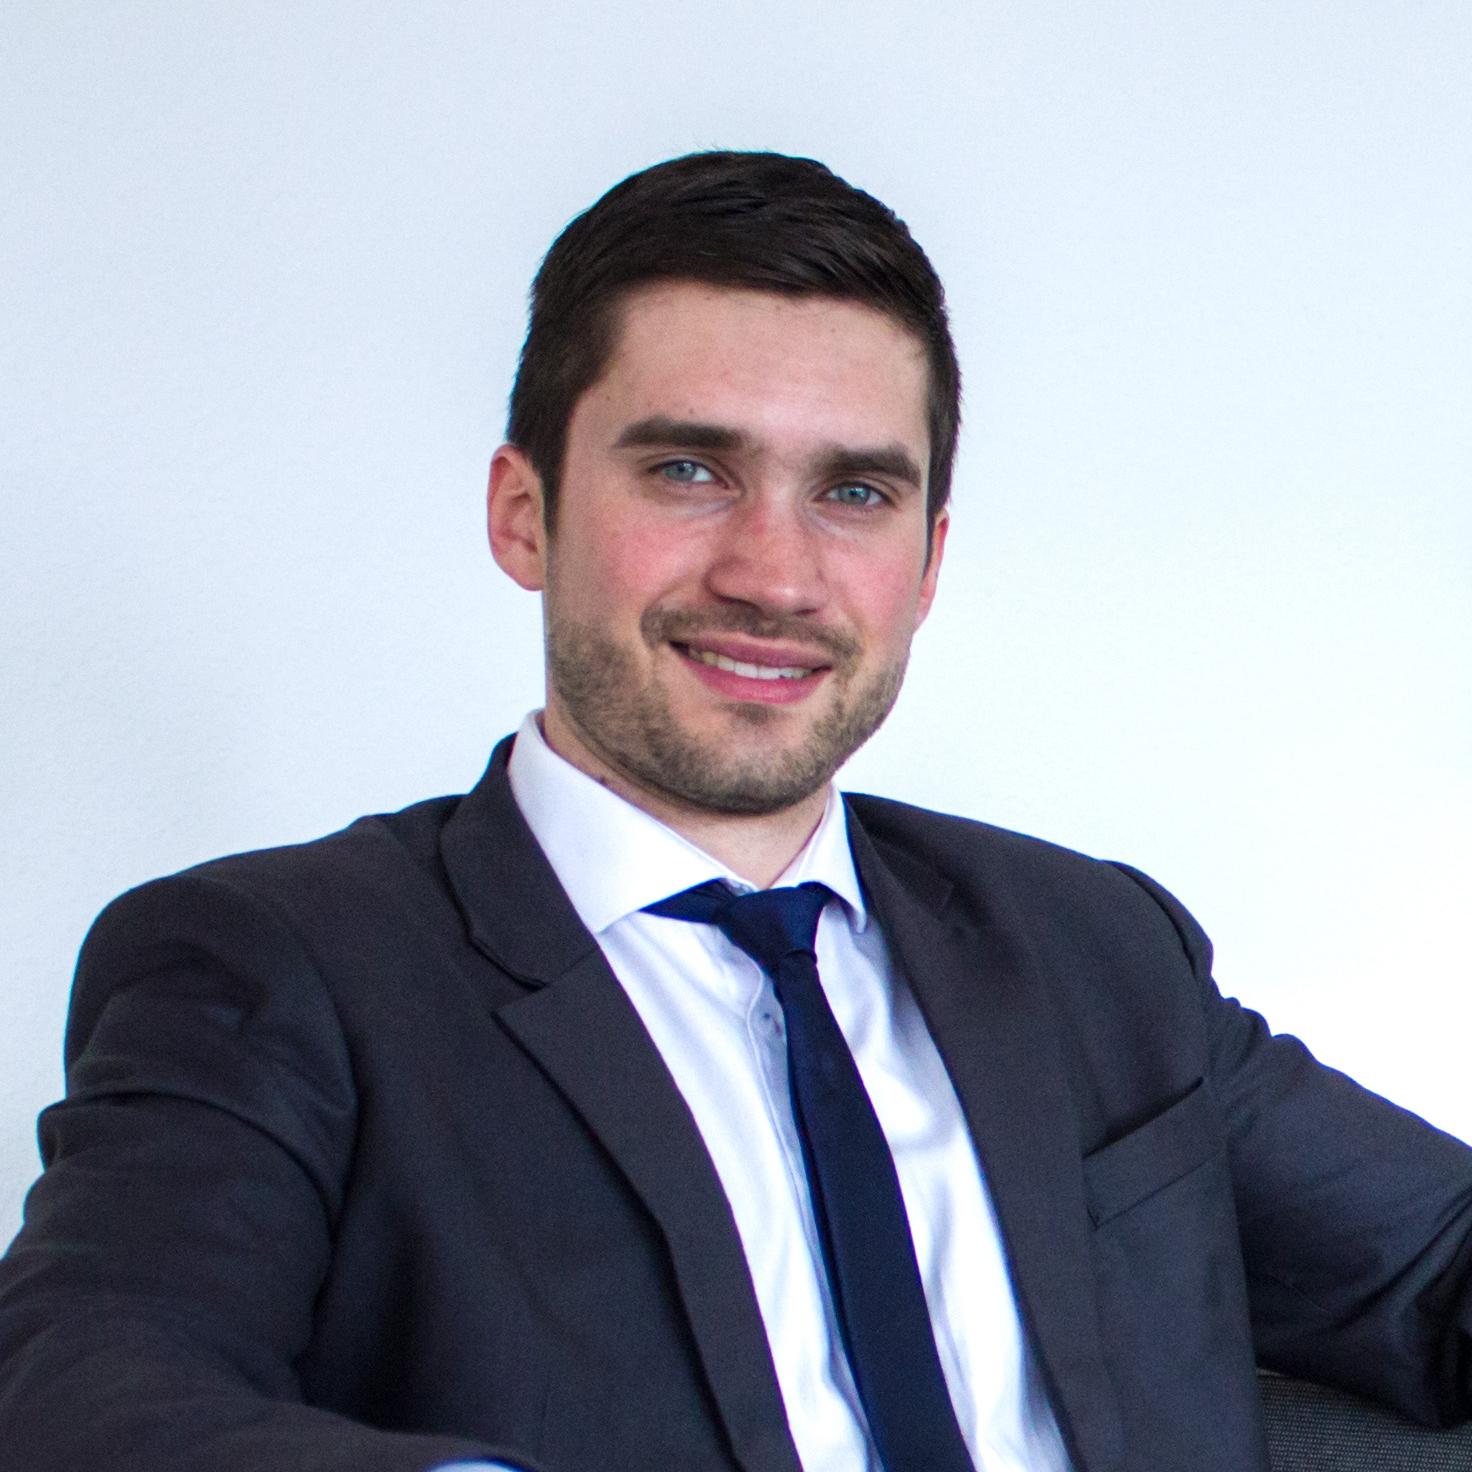 Markus Dohr